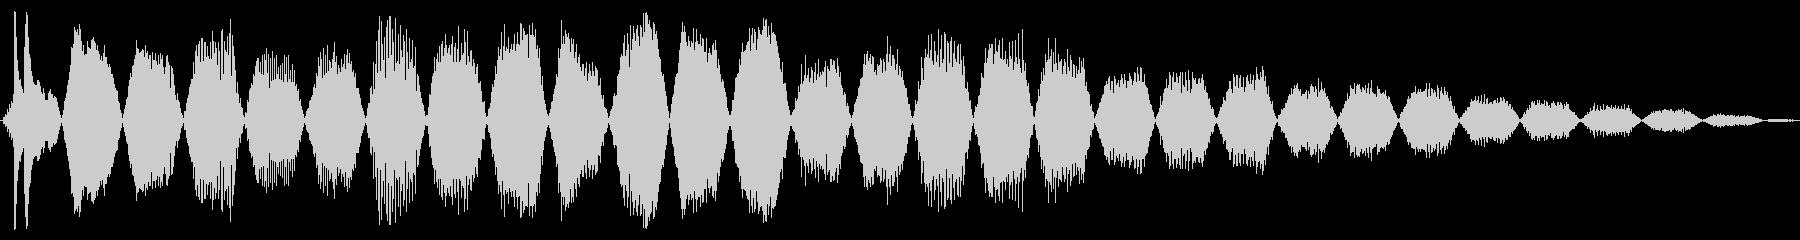 シャッターエレクトリック、パワーダ...の未再生の波形